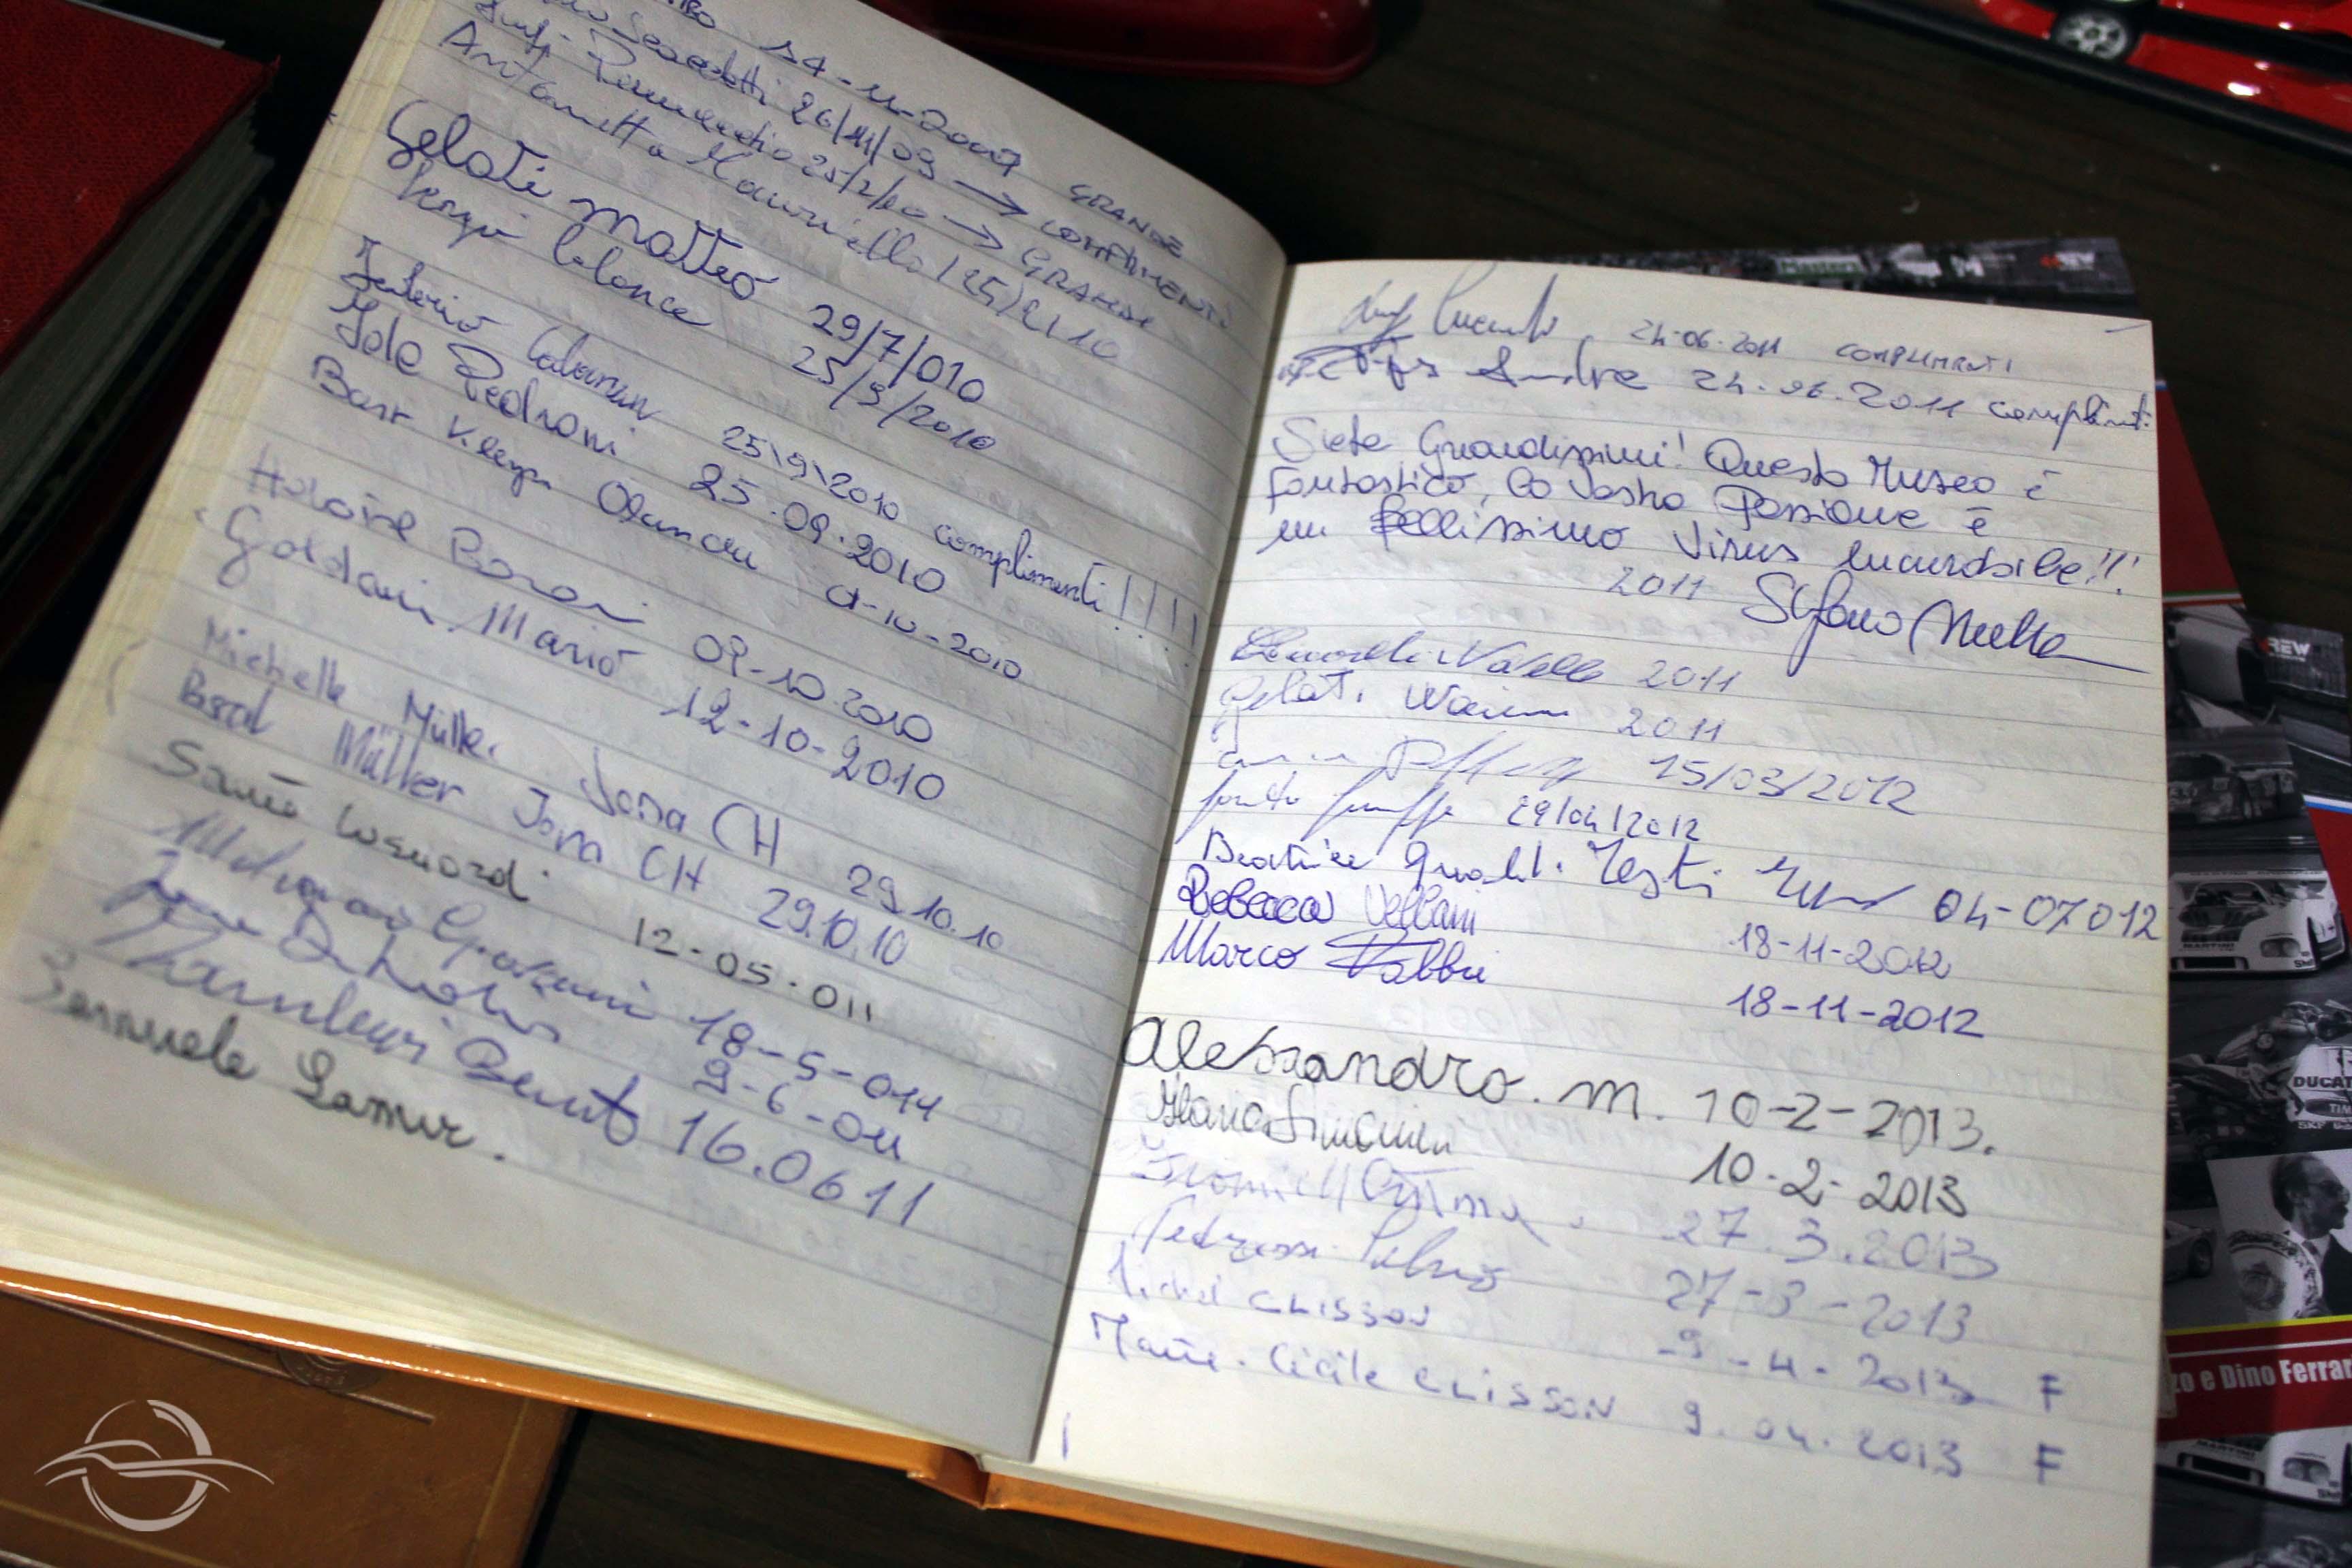 registro delle presenze di Morselli